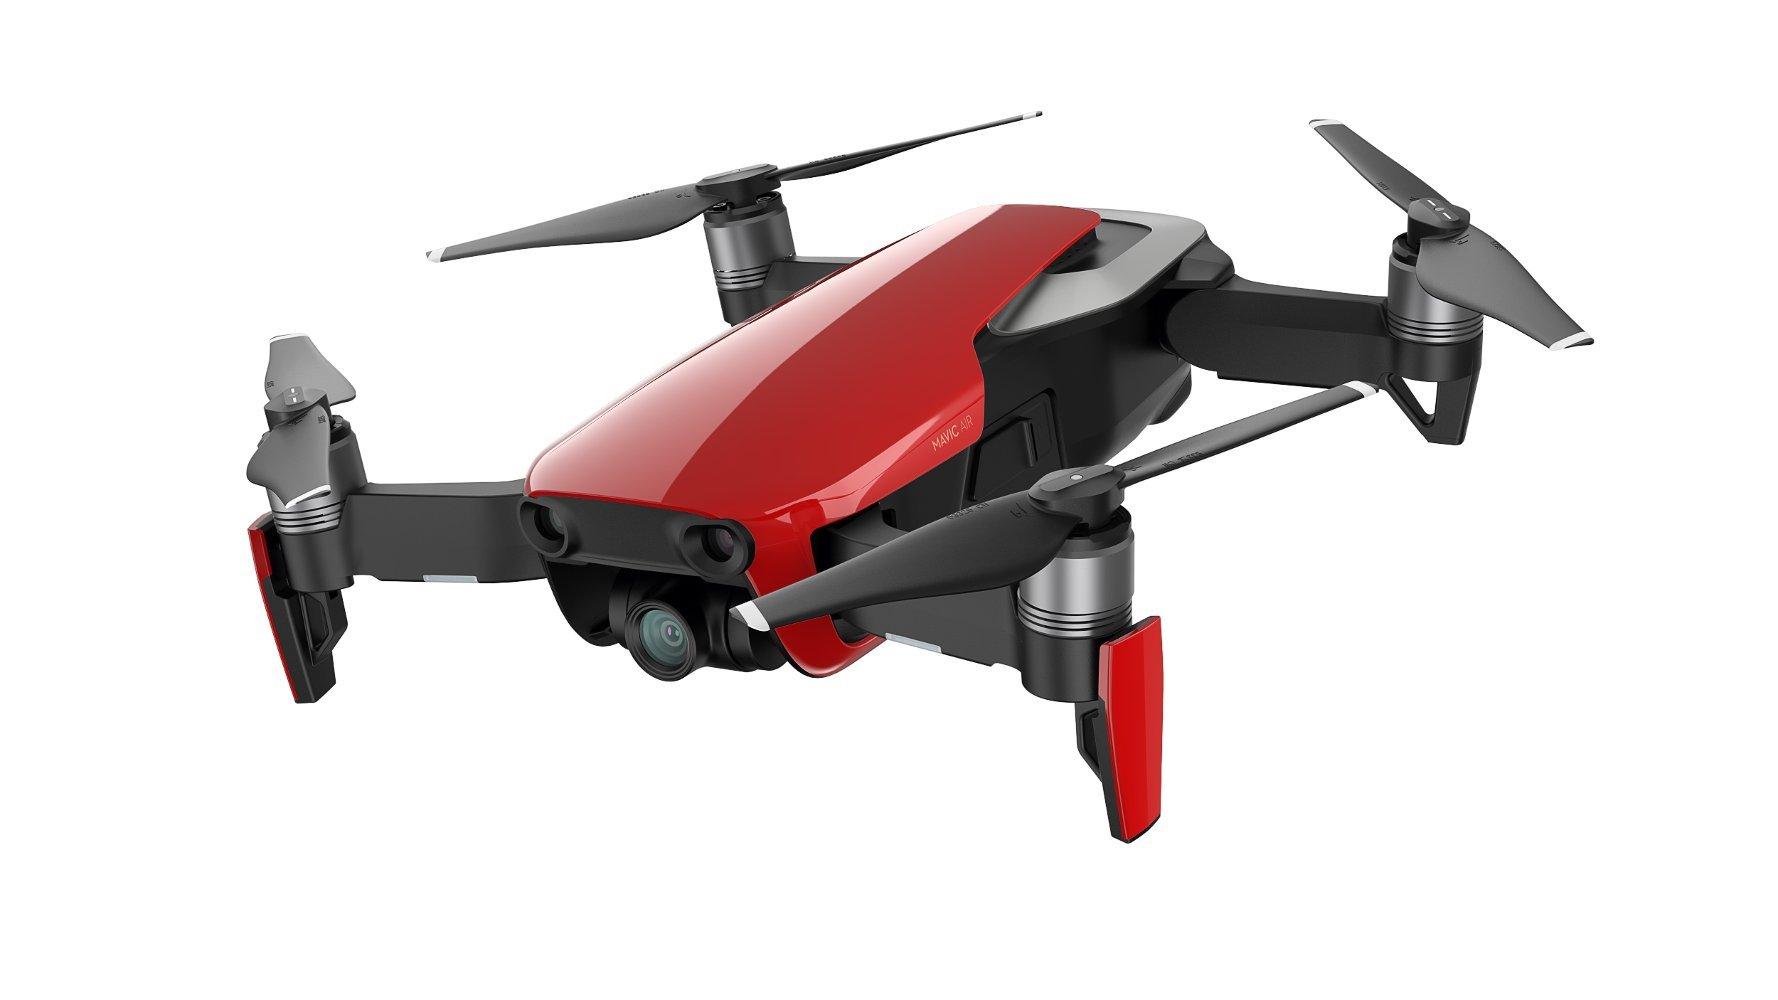 DJI-Mavic-Air-EU-Drone-Quadricoptre-avec-camra-panoramiques-sphriques-de-32-Mpx-de-photos-HDR-de-vidos-4K–30-is-en-100-Mbits-et-de-ralentis-1080p–120-is-Flame-Rouge